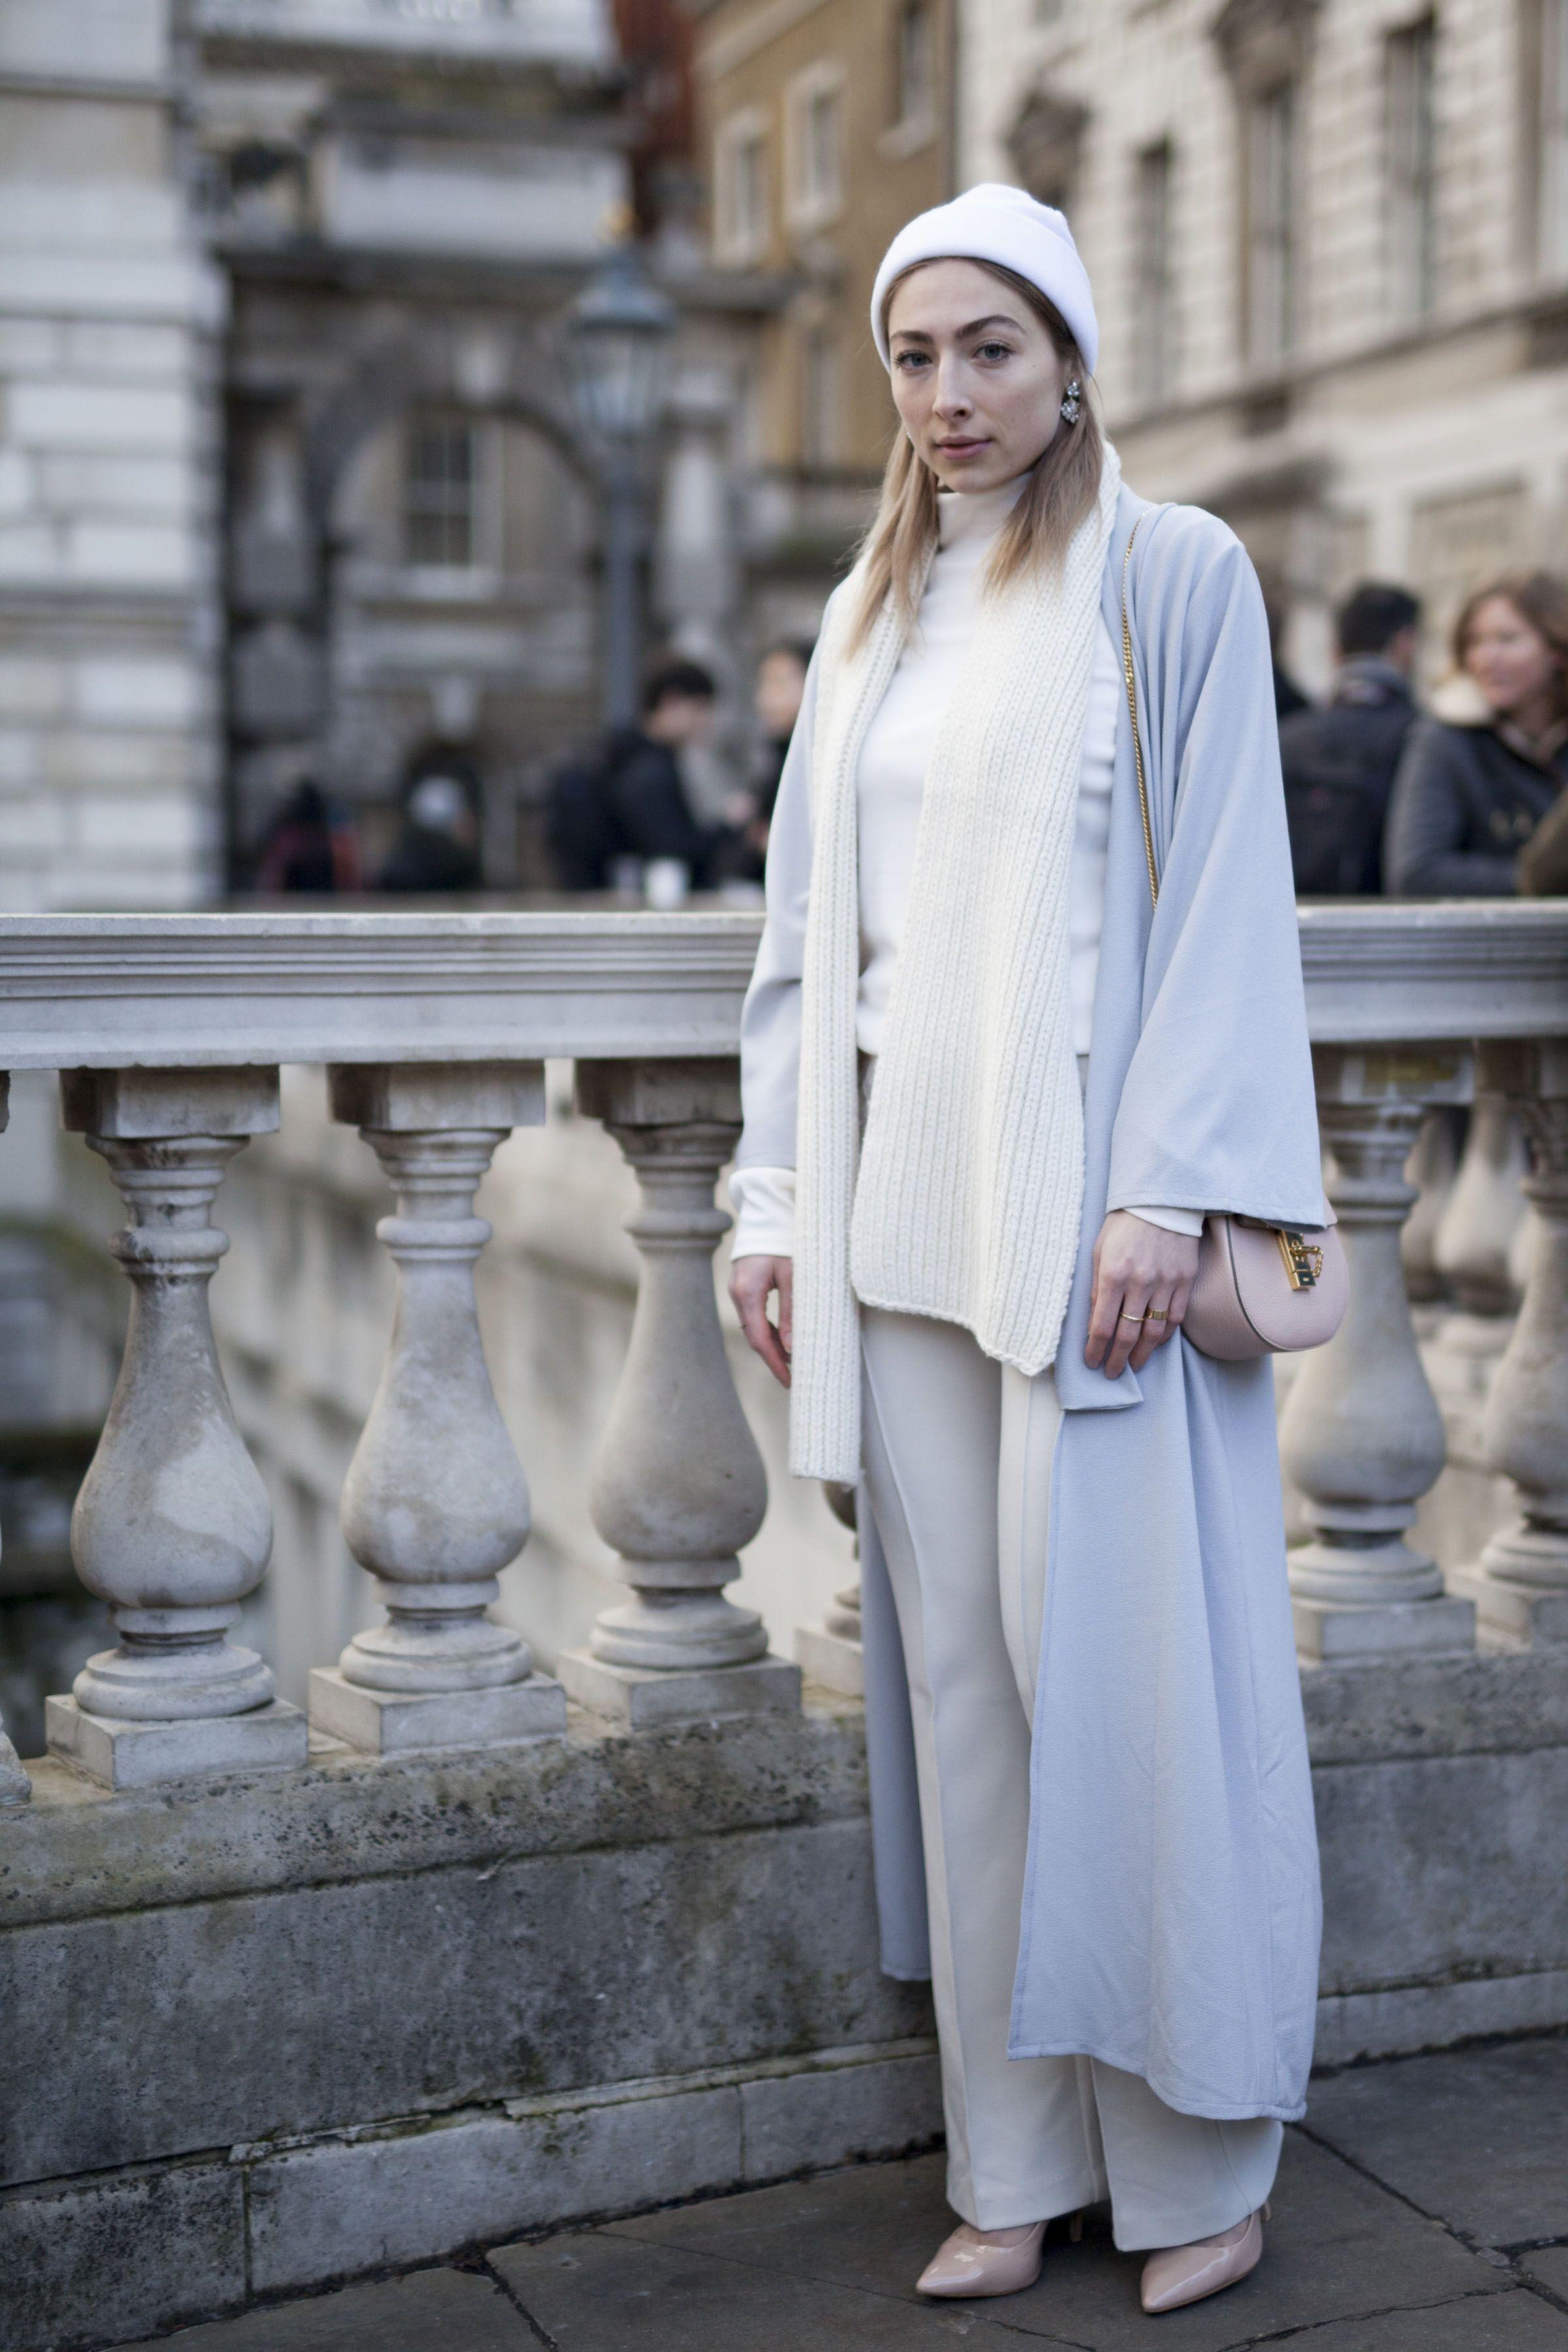 Galeria de Fotos Para todos os gostos: looks clássicos e ousados no street style de Londres // Foto 46 // Notícias // FFW